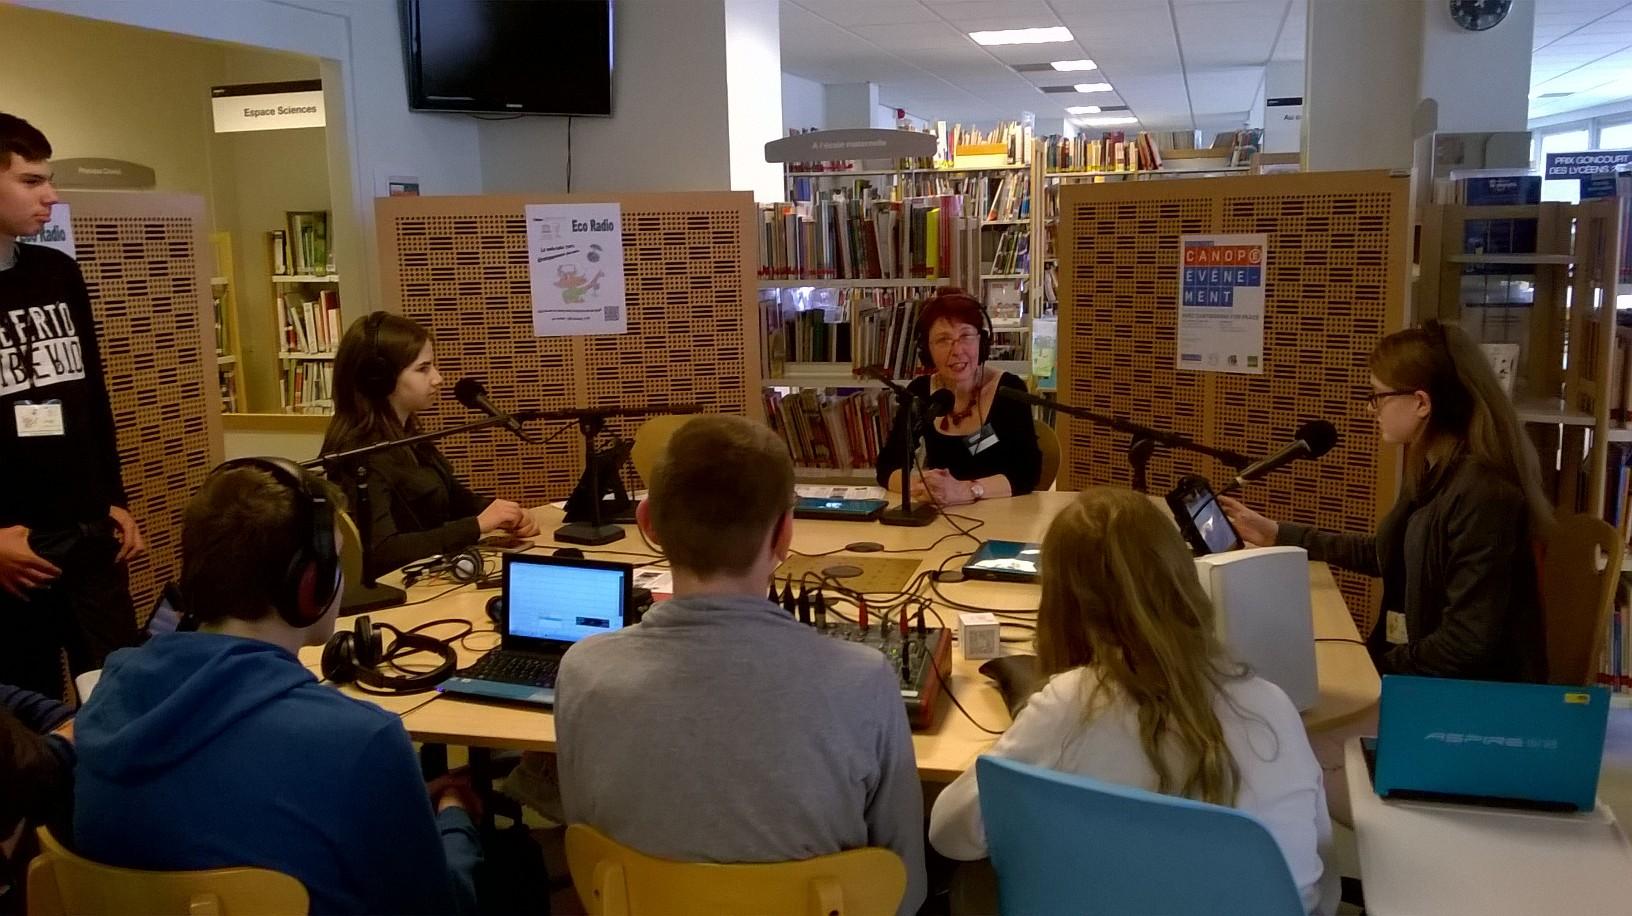 Interview de Martine DELAMARRE dans le studio délocalisé à CANOPE Nancy